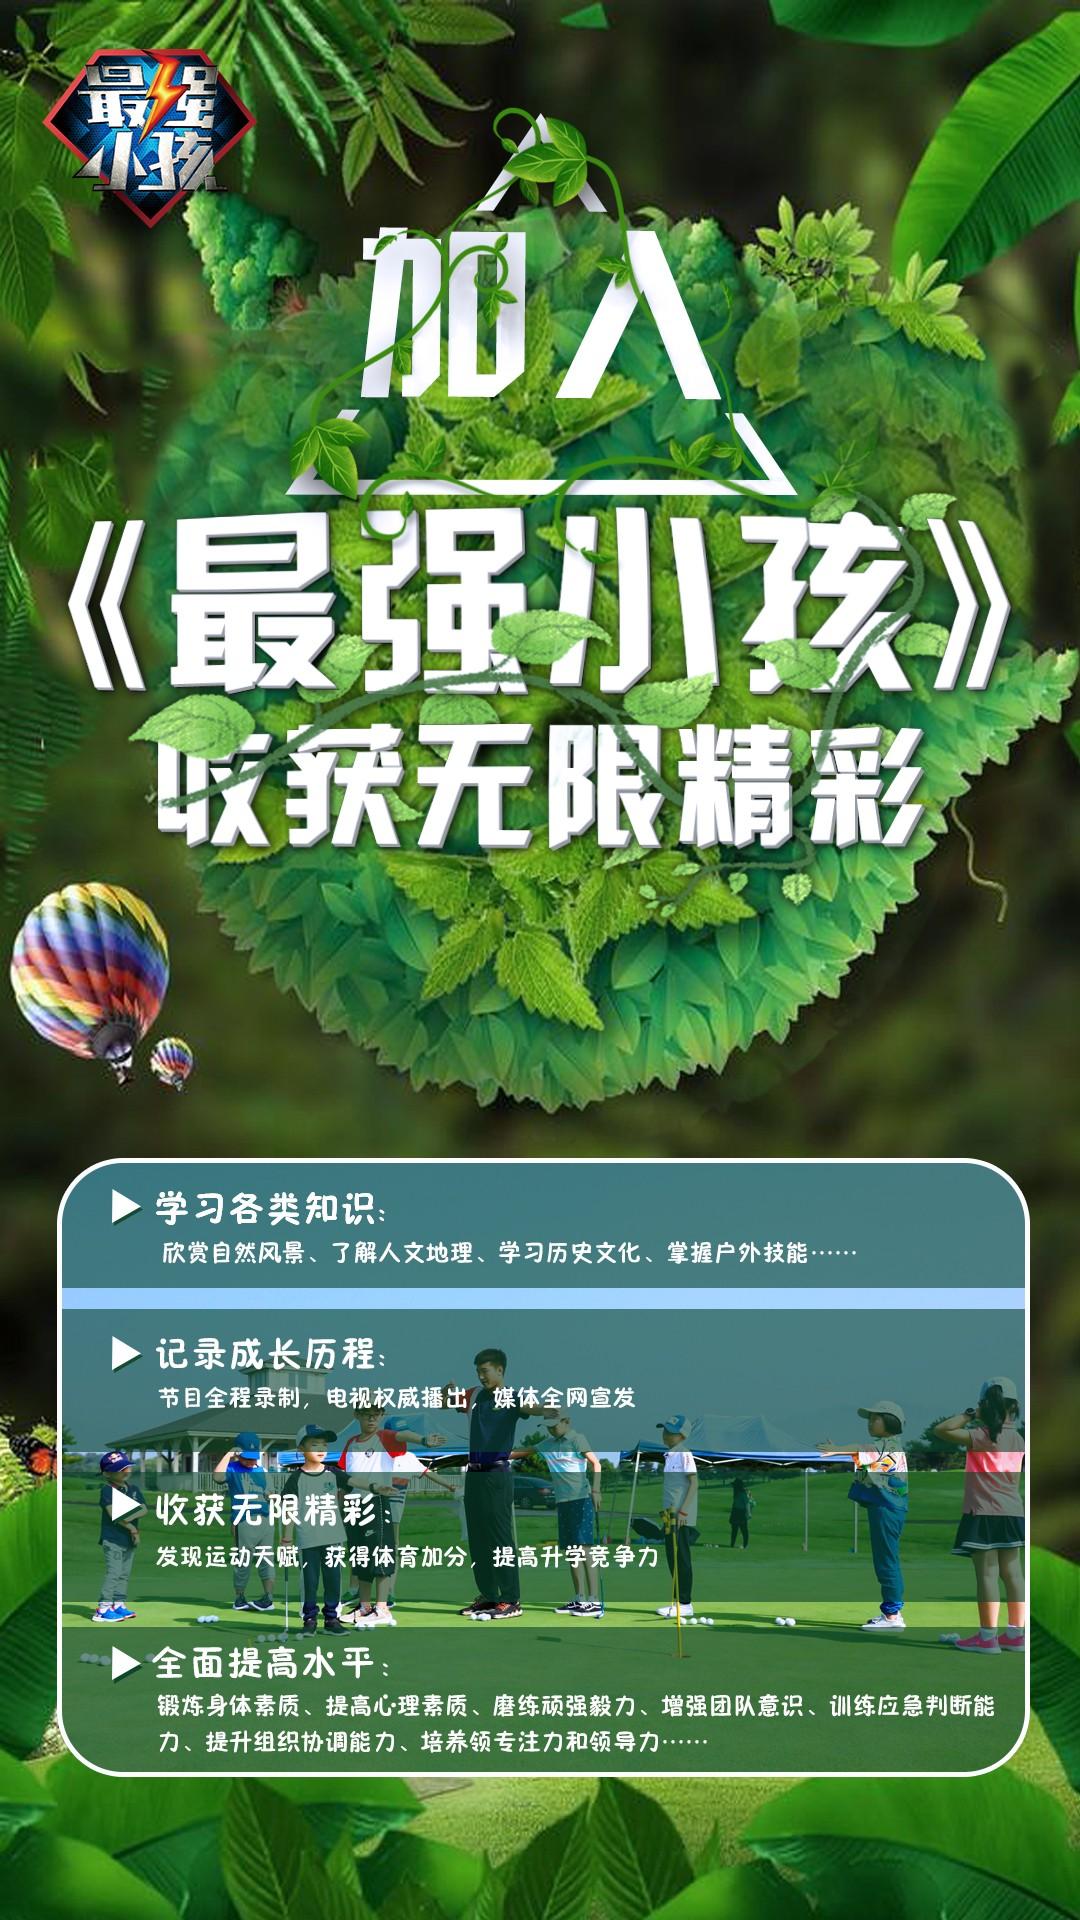 相约八月,相约北京,相约《最强小孩》超越之旅!